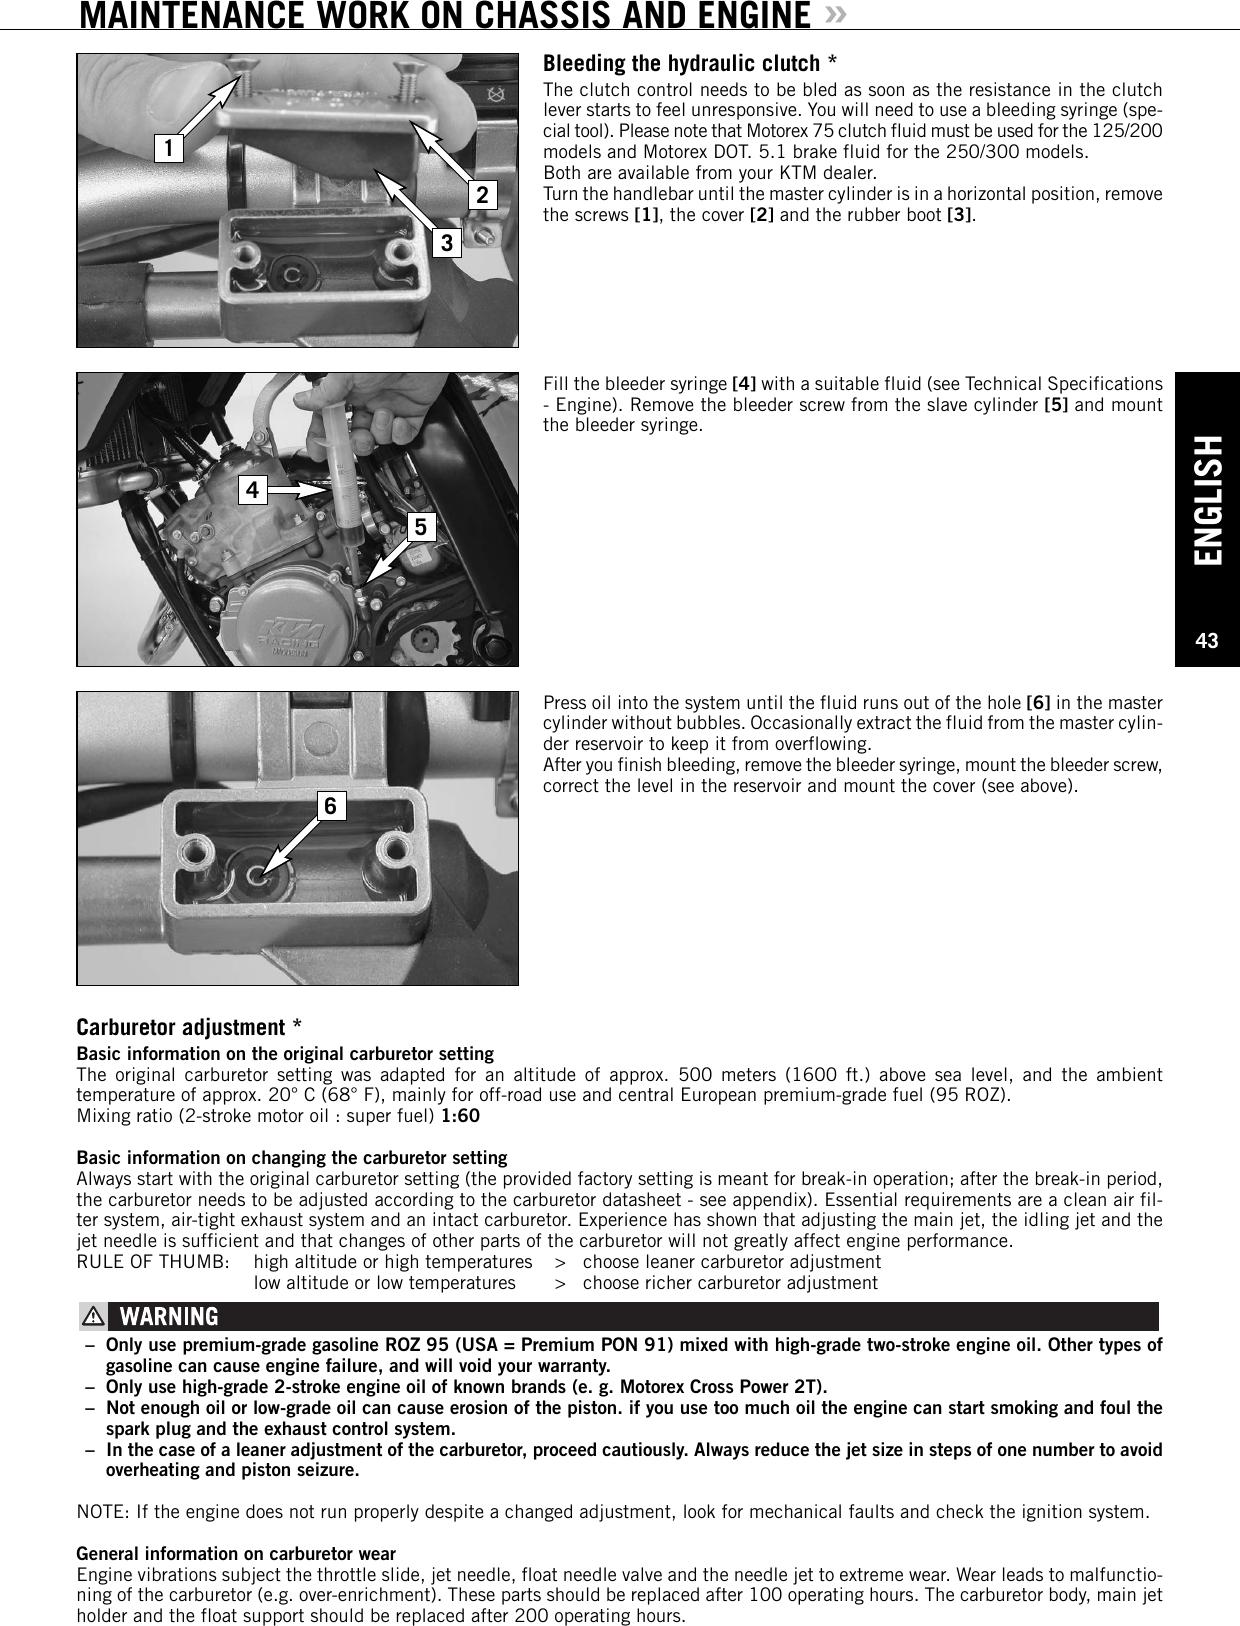 Ktm 125 Exc Six Days 200 Xc W 250 300 E Users Manual